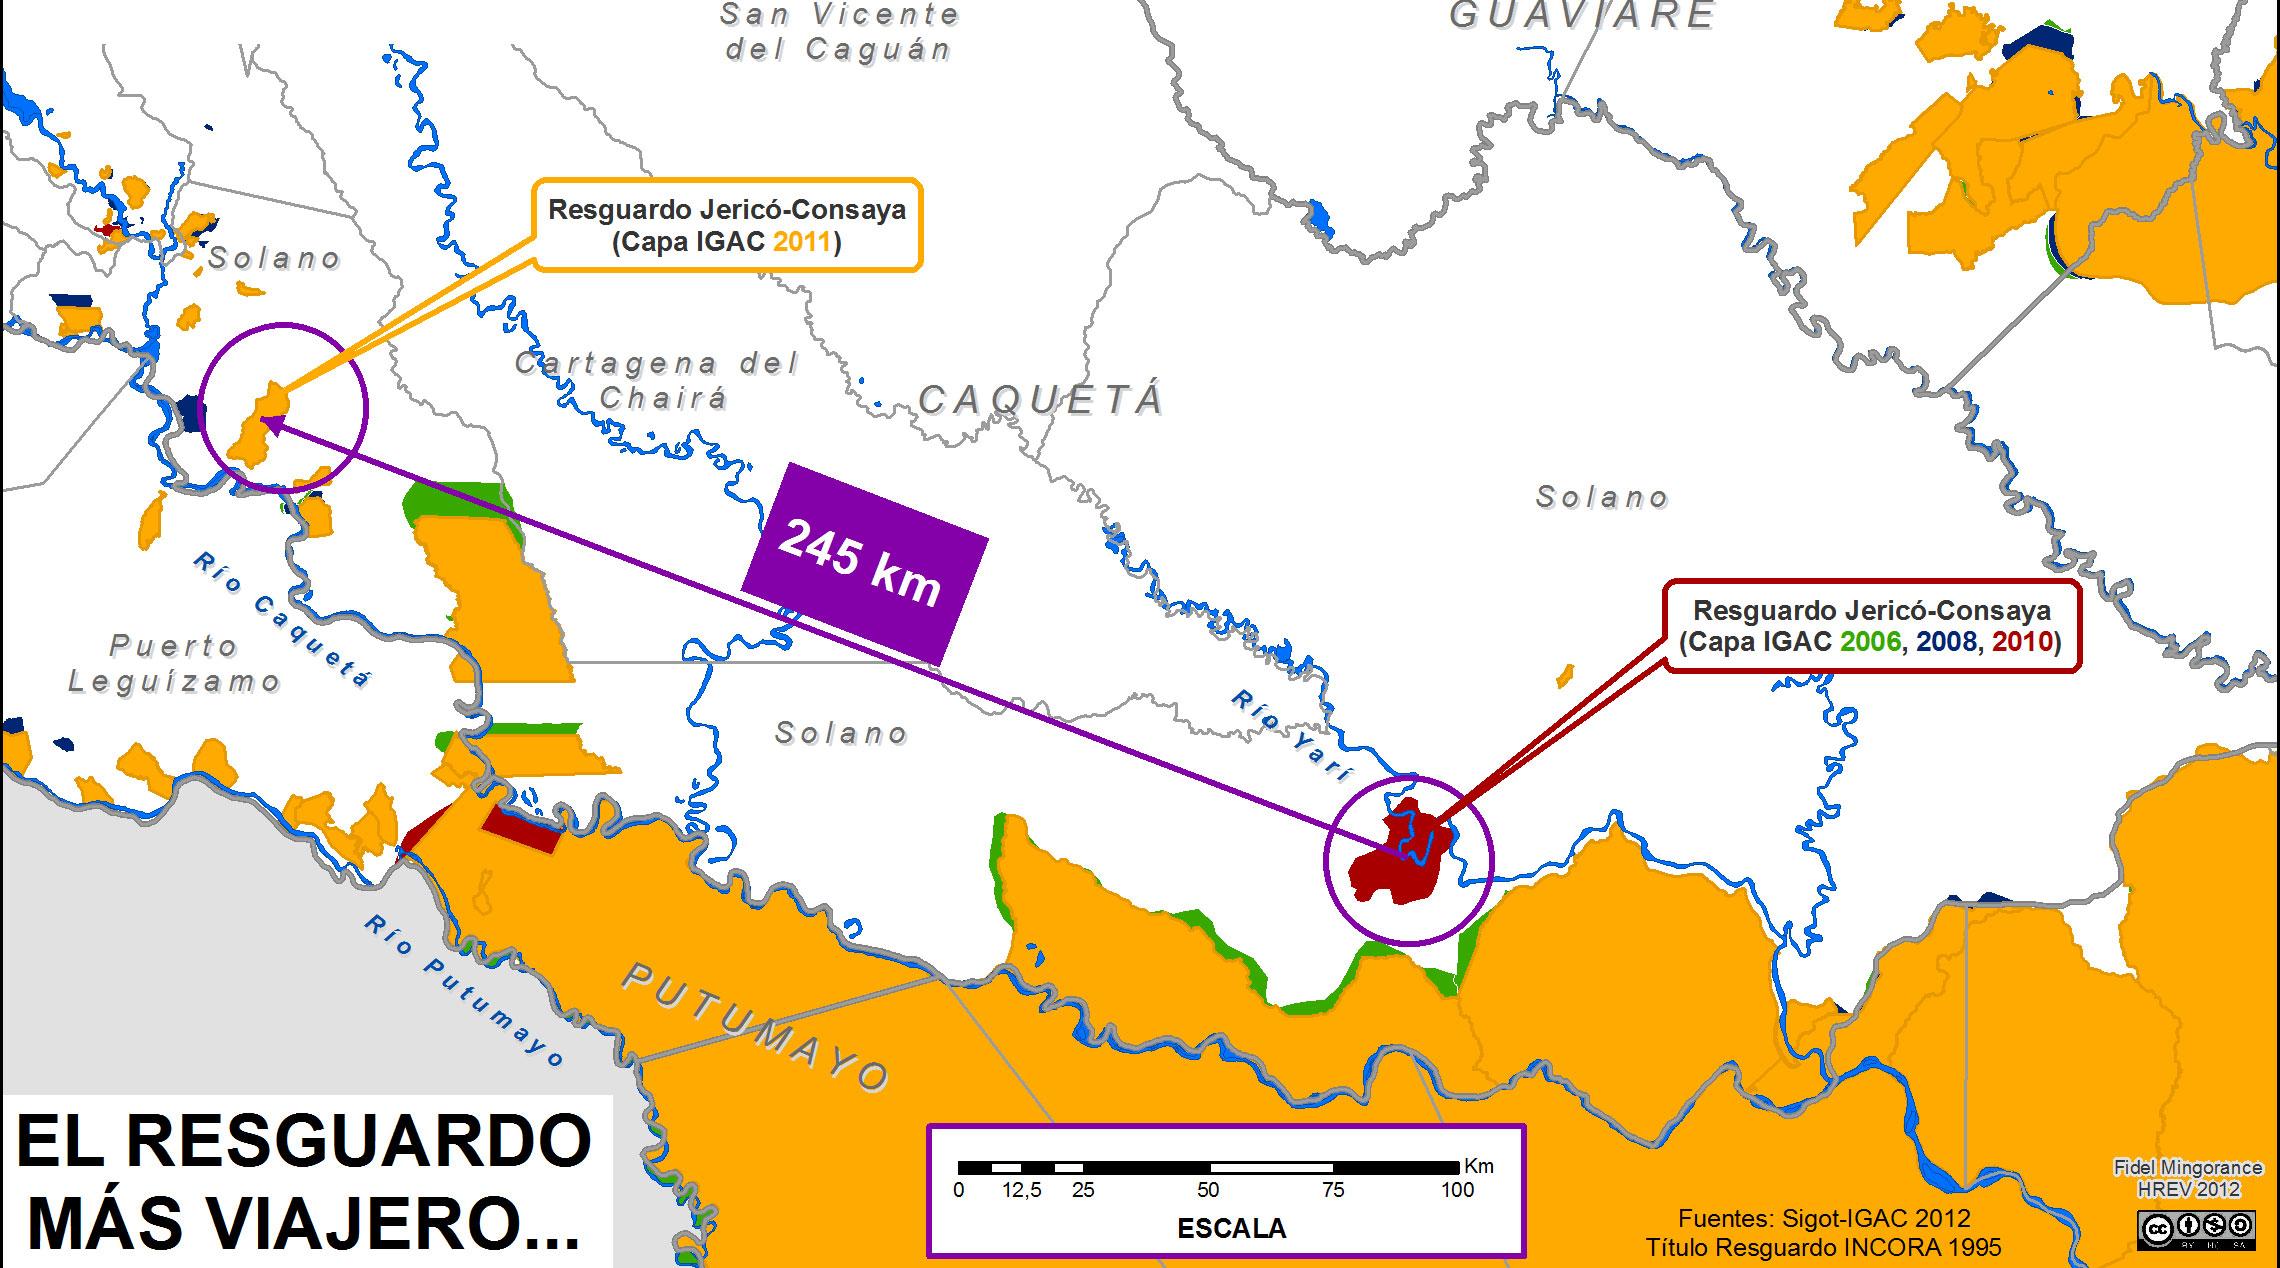 El Resguardo Indígena más viajero: ¡245 km!